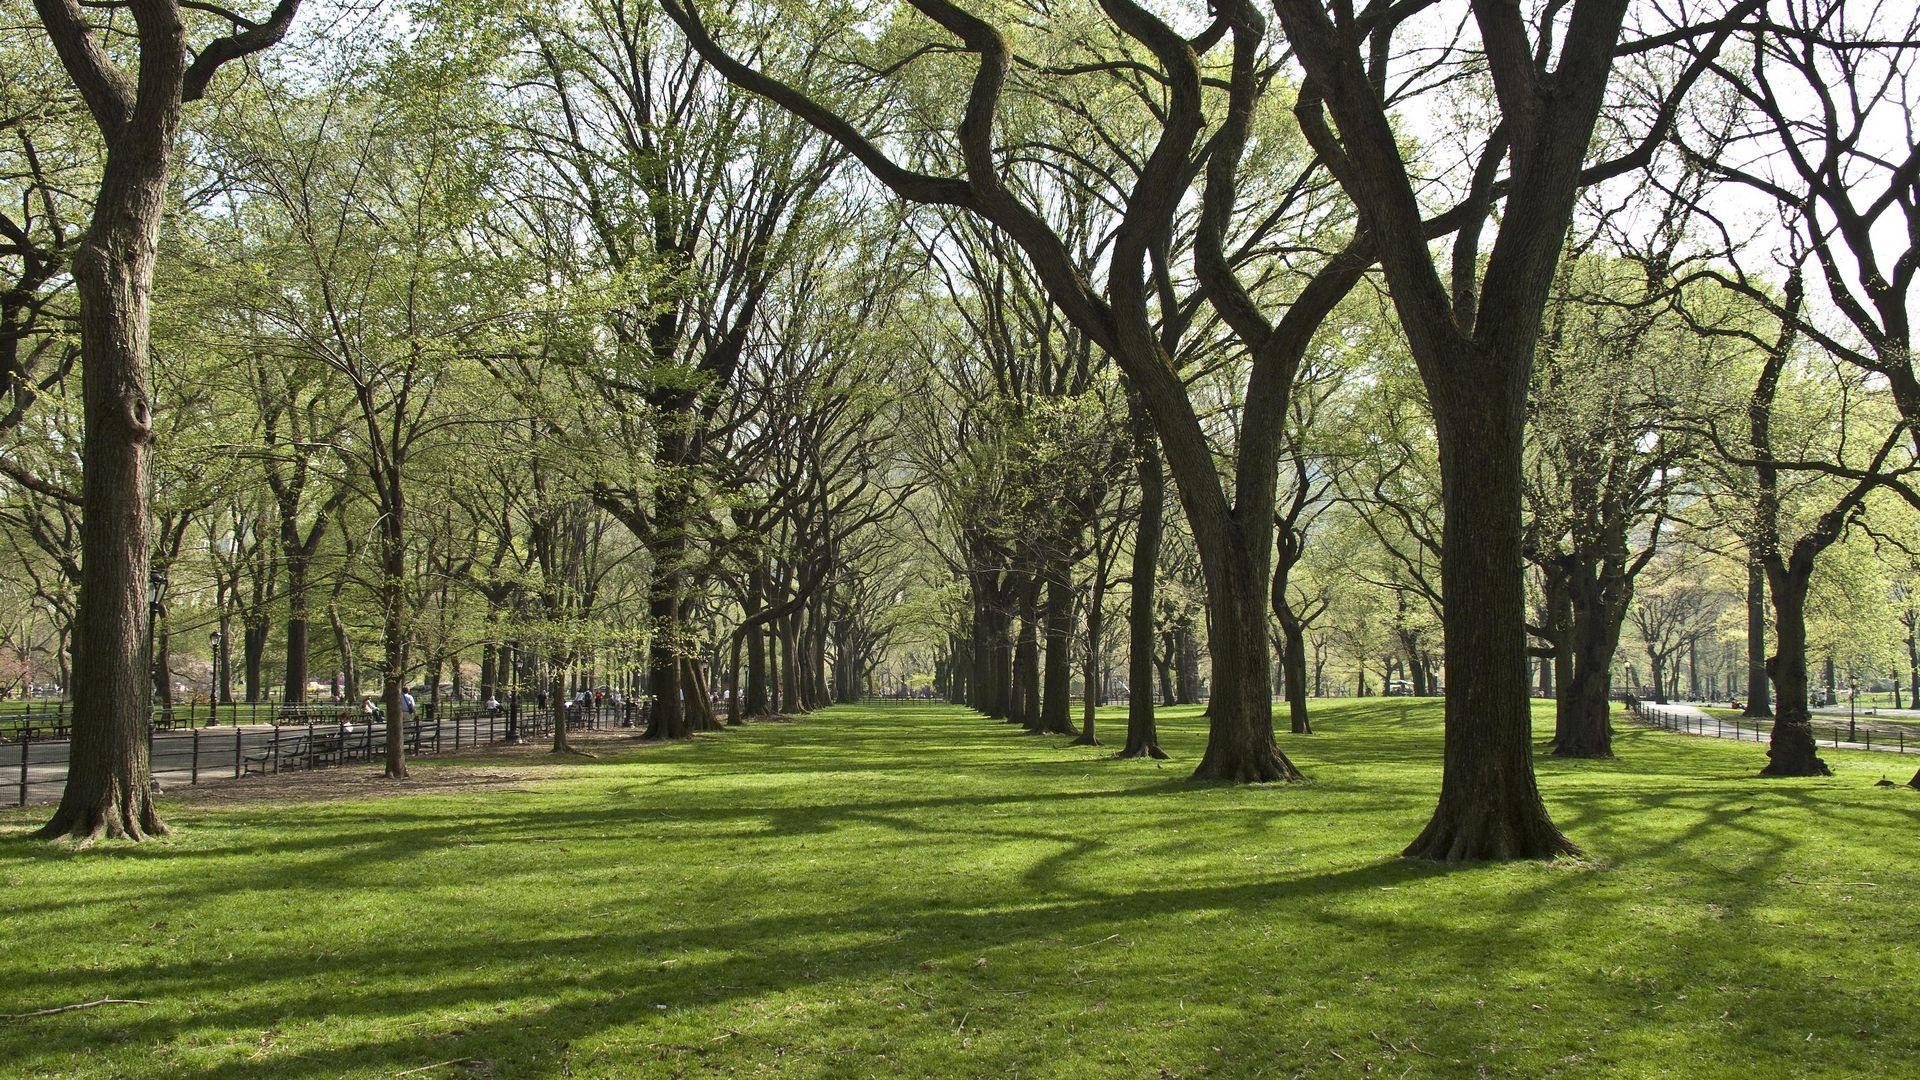 142803壁紙のダウンロード自然, 木, 公園, 草-スクリーンセーバーと写真を無料で